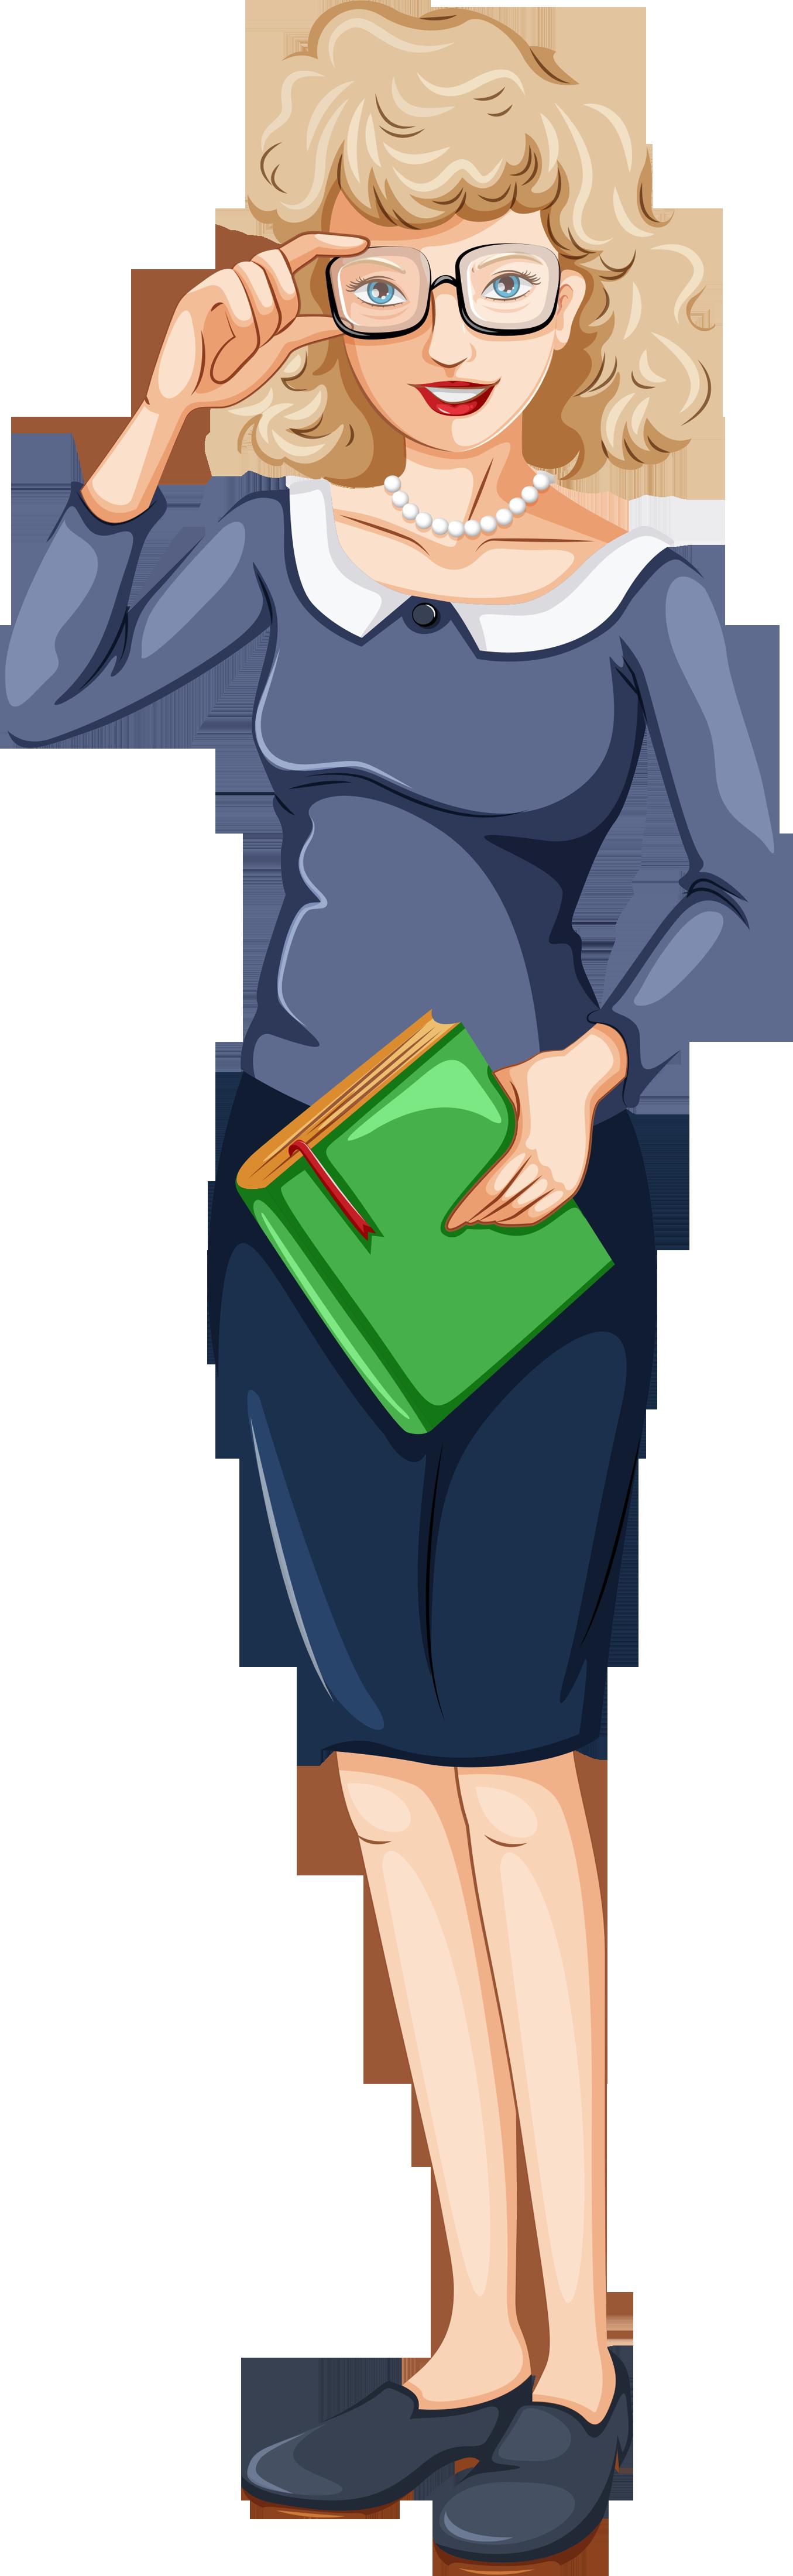 картинка воспитатель с книгой на прозрачном фоне основы